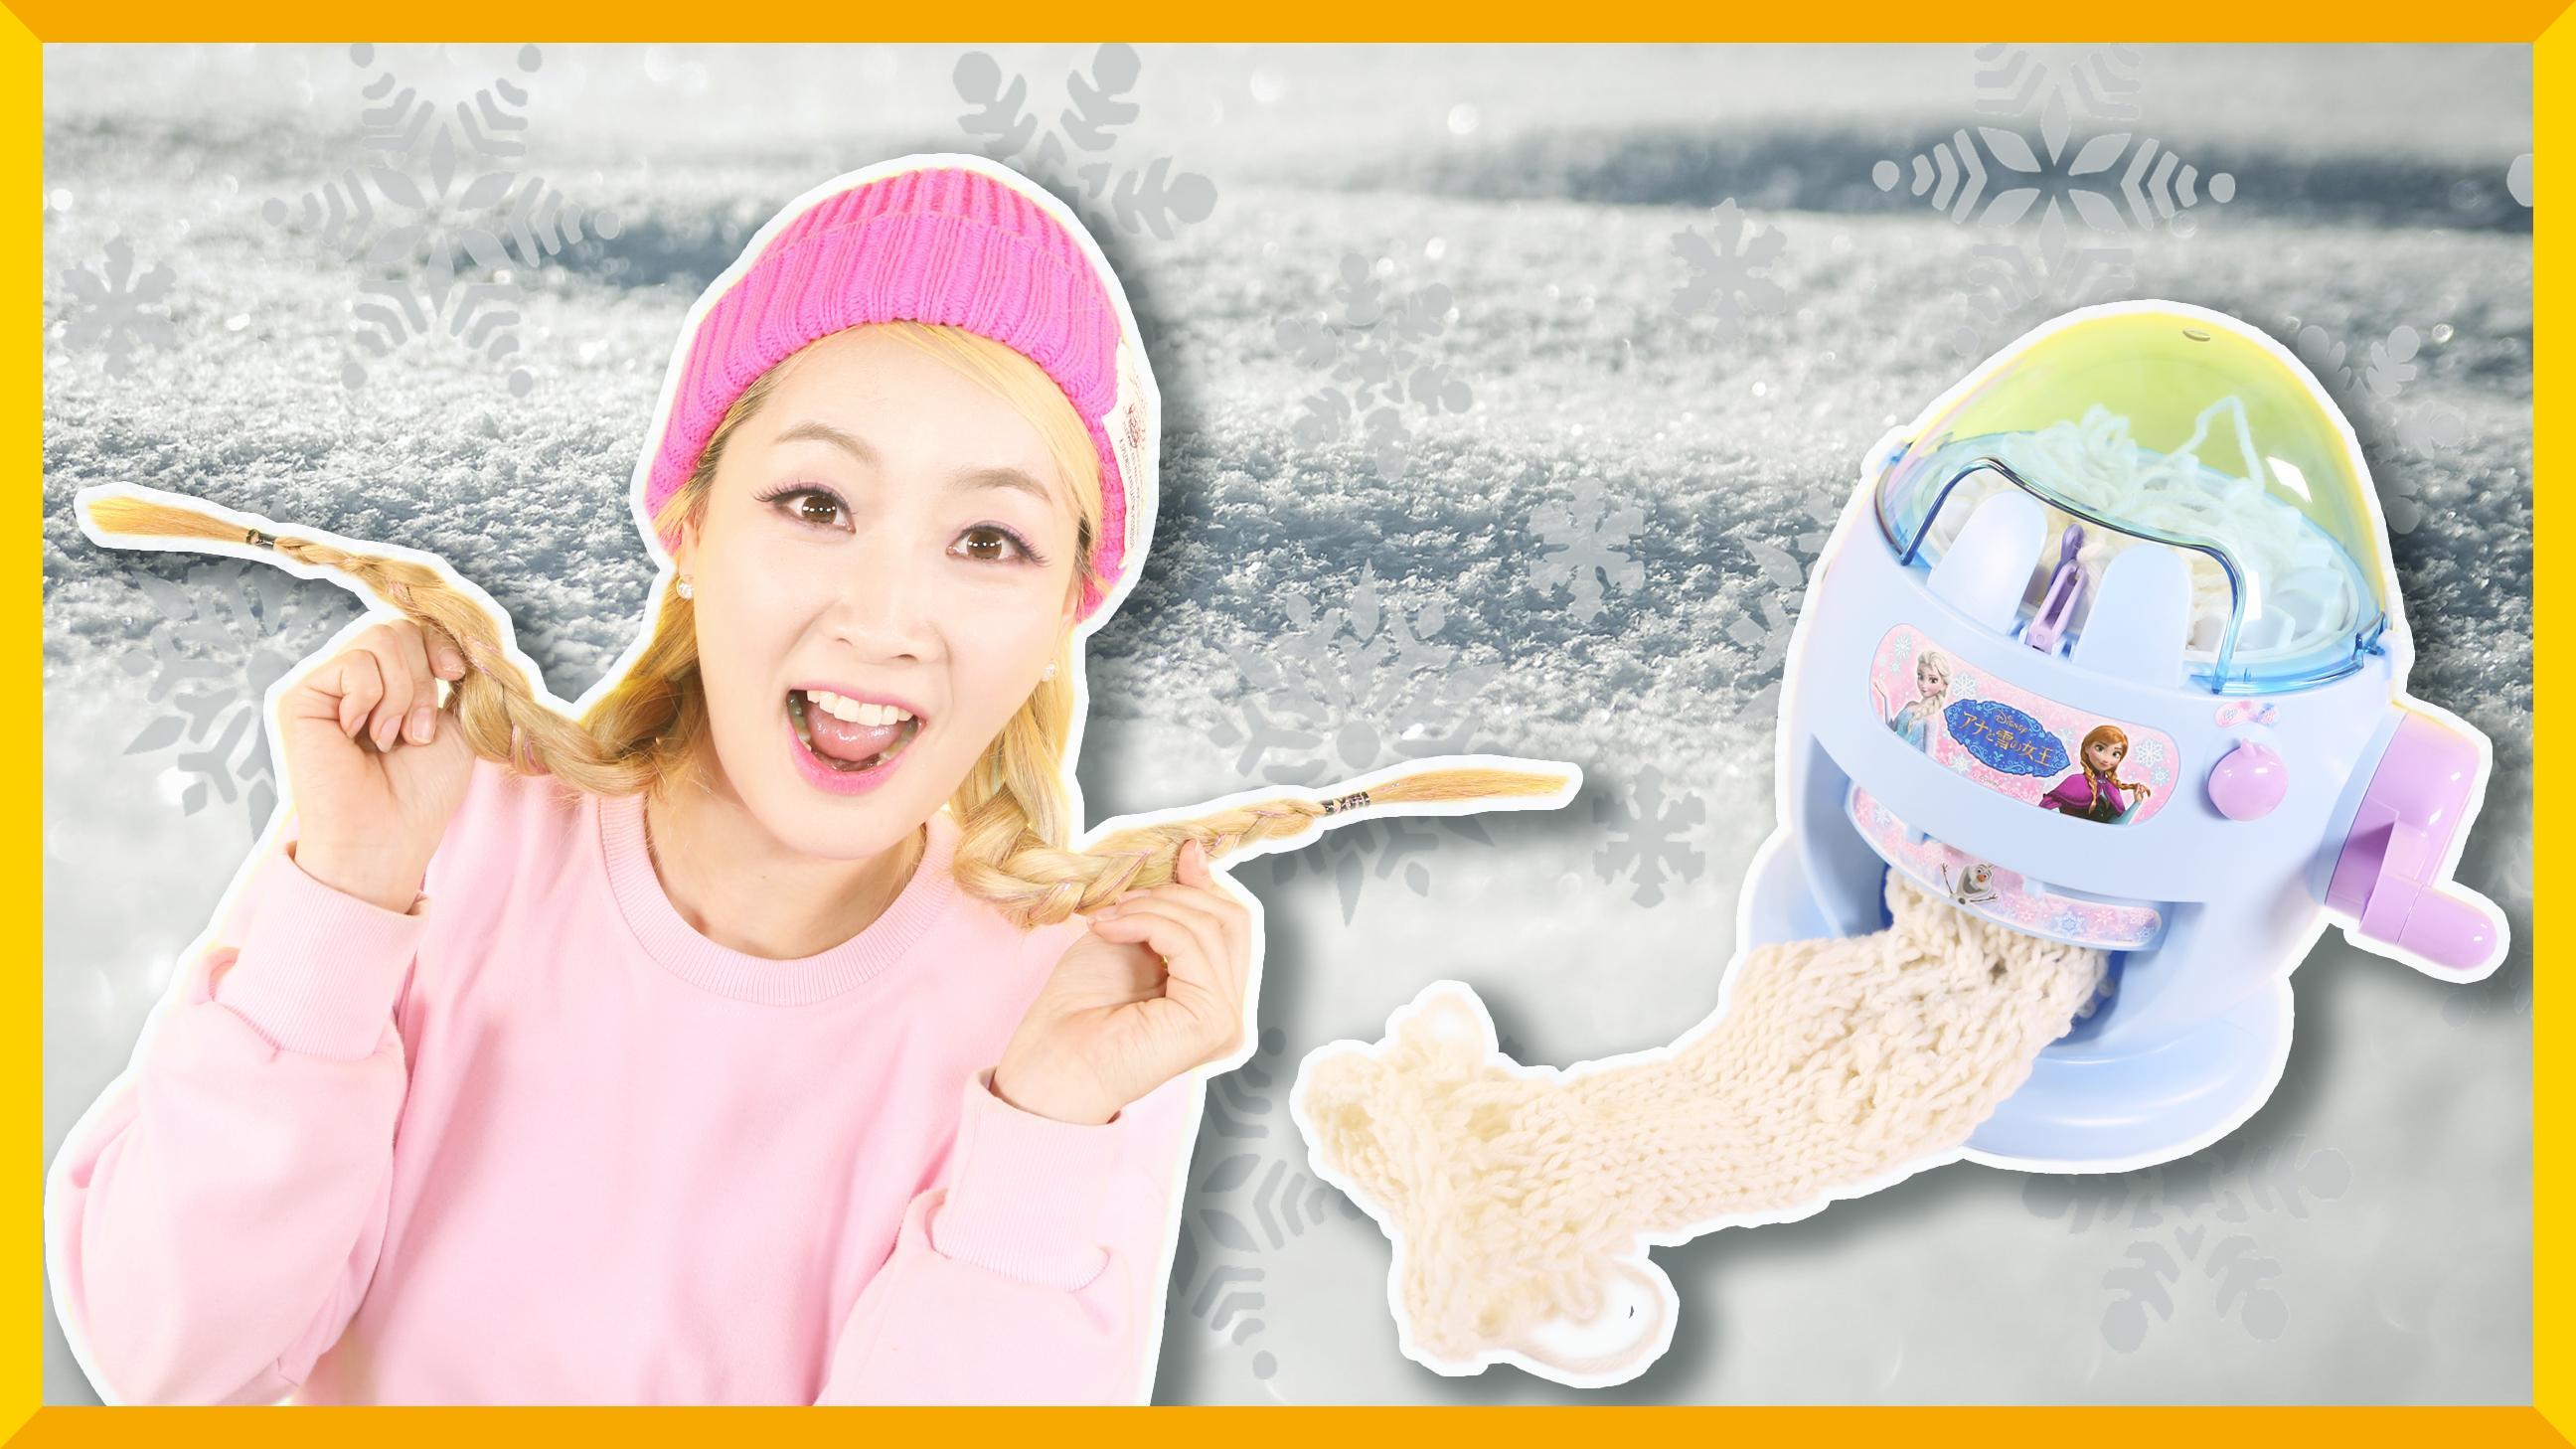 给怕冷的冰雪公主做一条温暖牌围巾 | 爱丽和故事 EllieAndStory